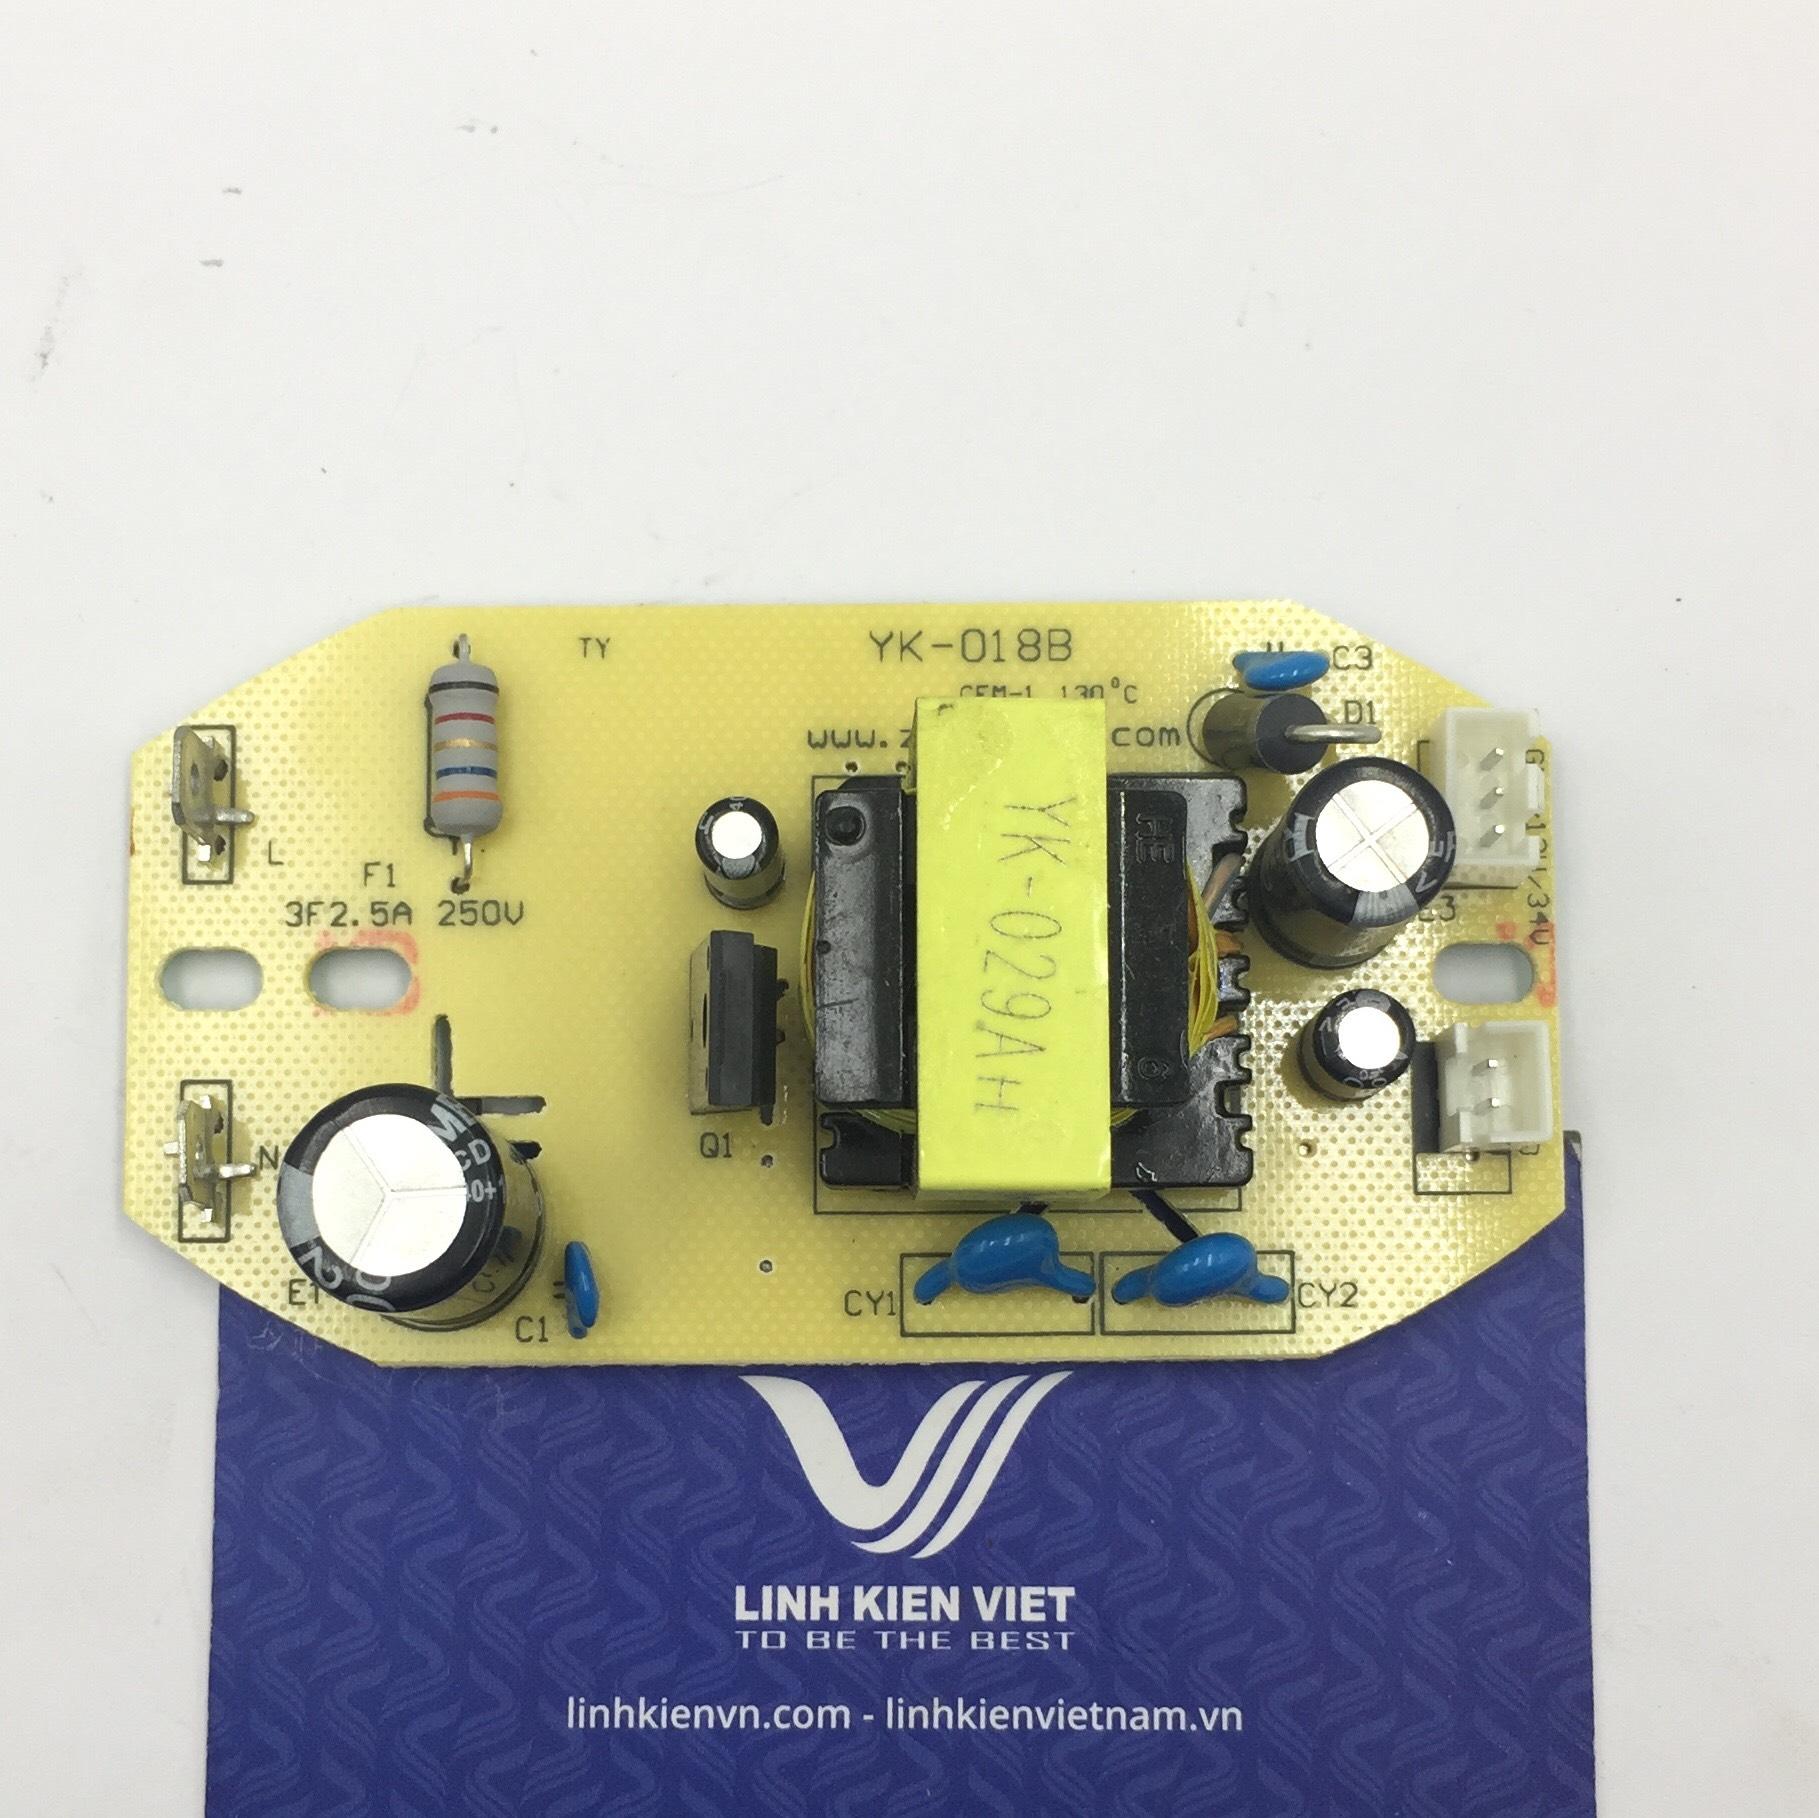 Nguồn cho module phun sương 38V / Nguồn cho mạch phun sương / Nguồn quạt phun sương- G2H17